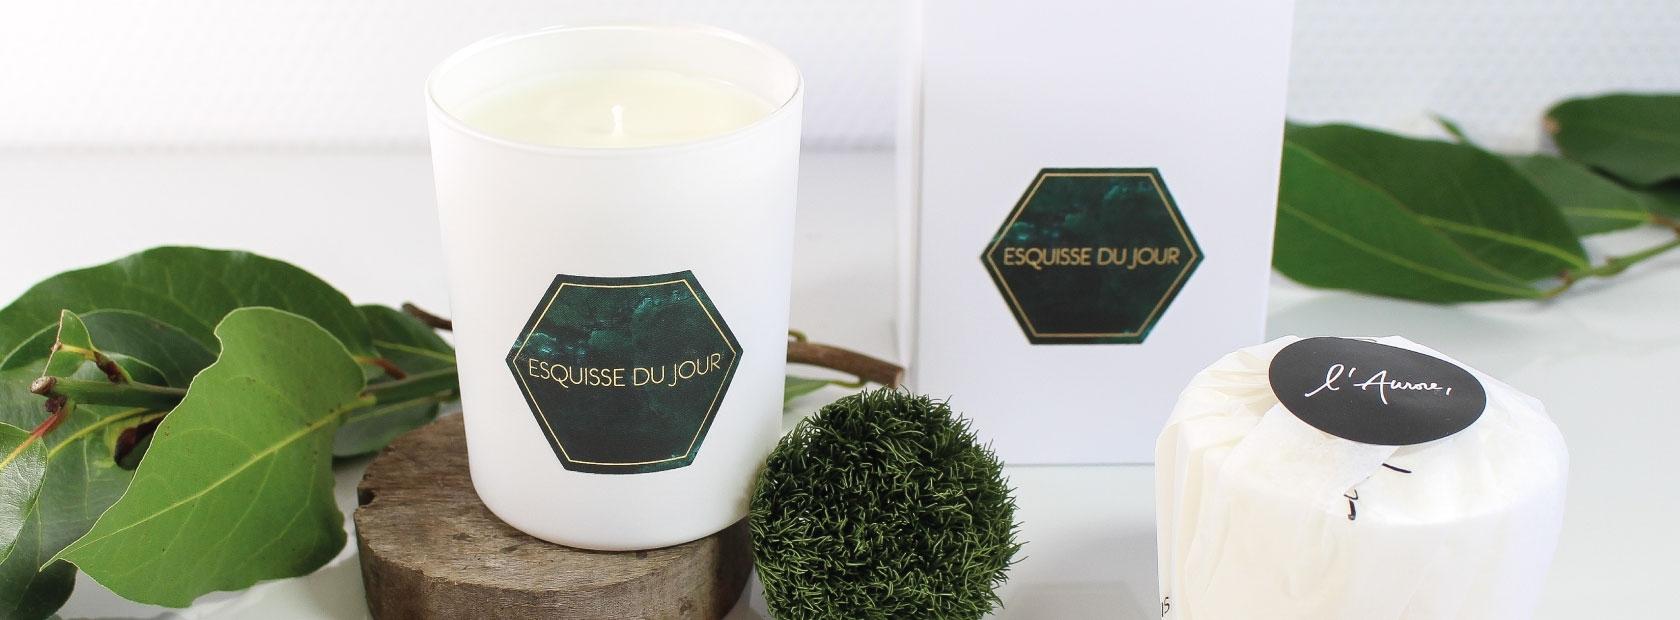 Bougie naturelle | L'Aurore Paris